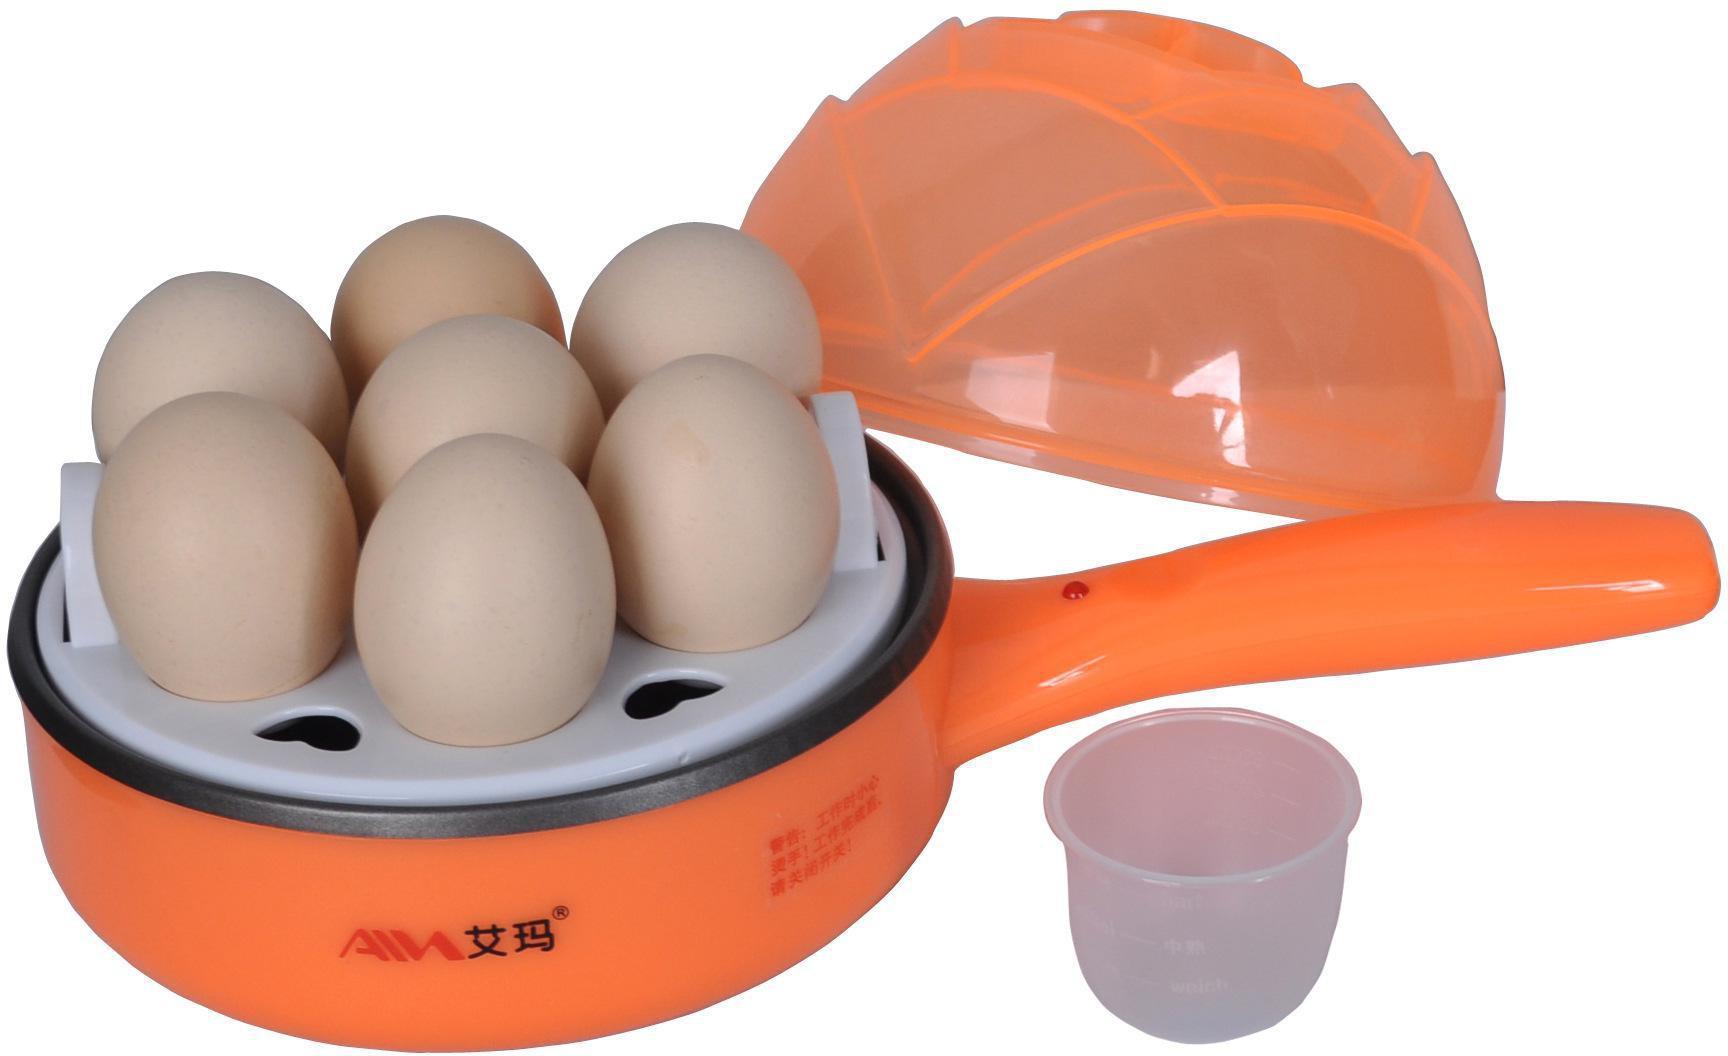 Honestystore Electric Boiler Steamer Non Stick Frying Pan Roaster Omelette Maker HS37 Egg Cooker